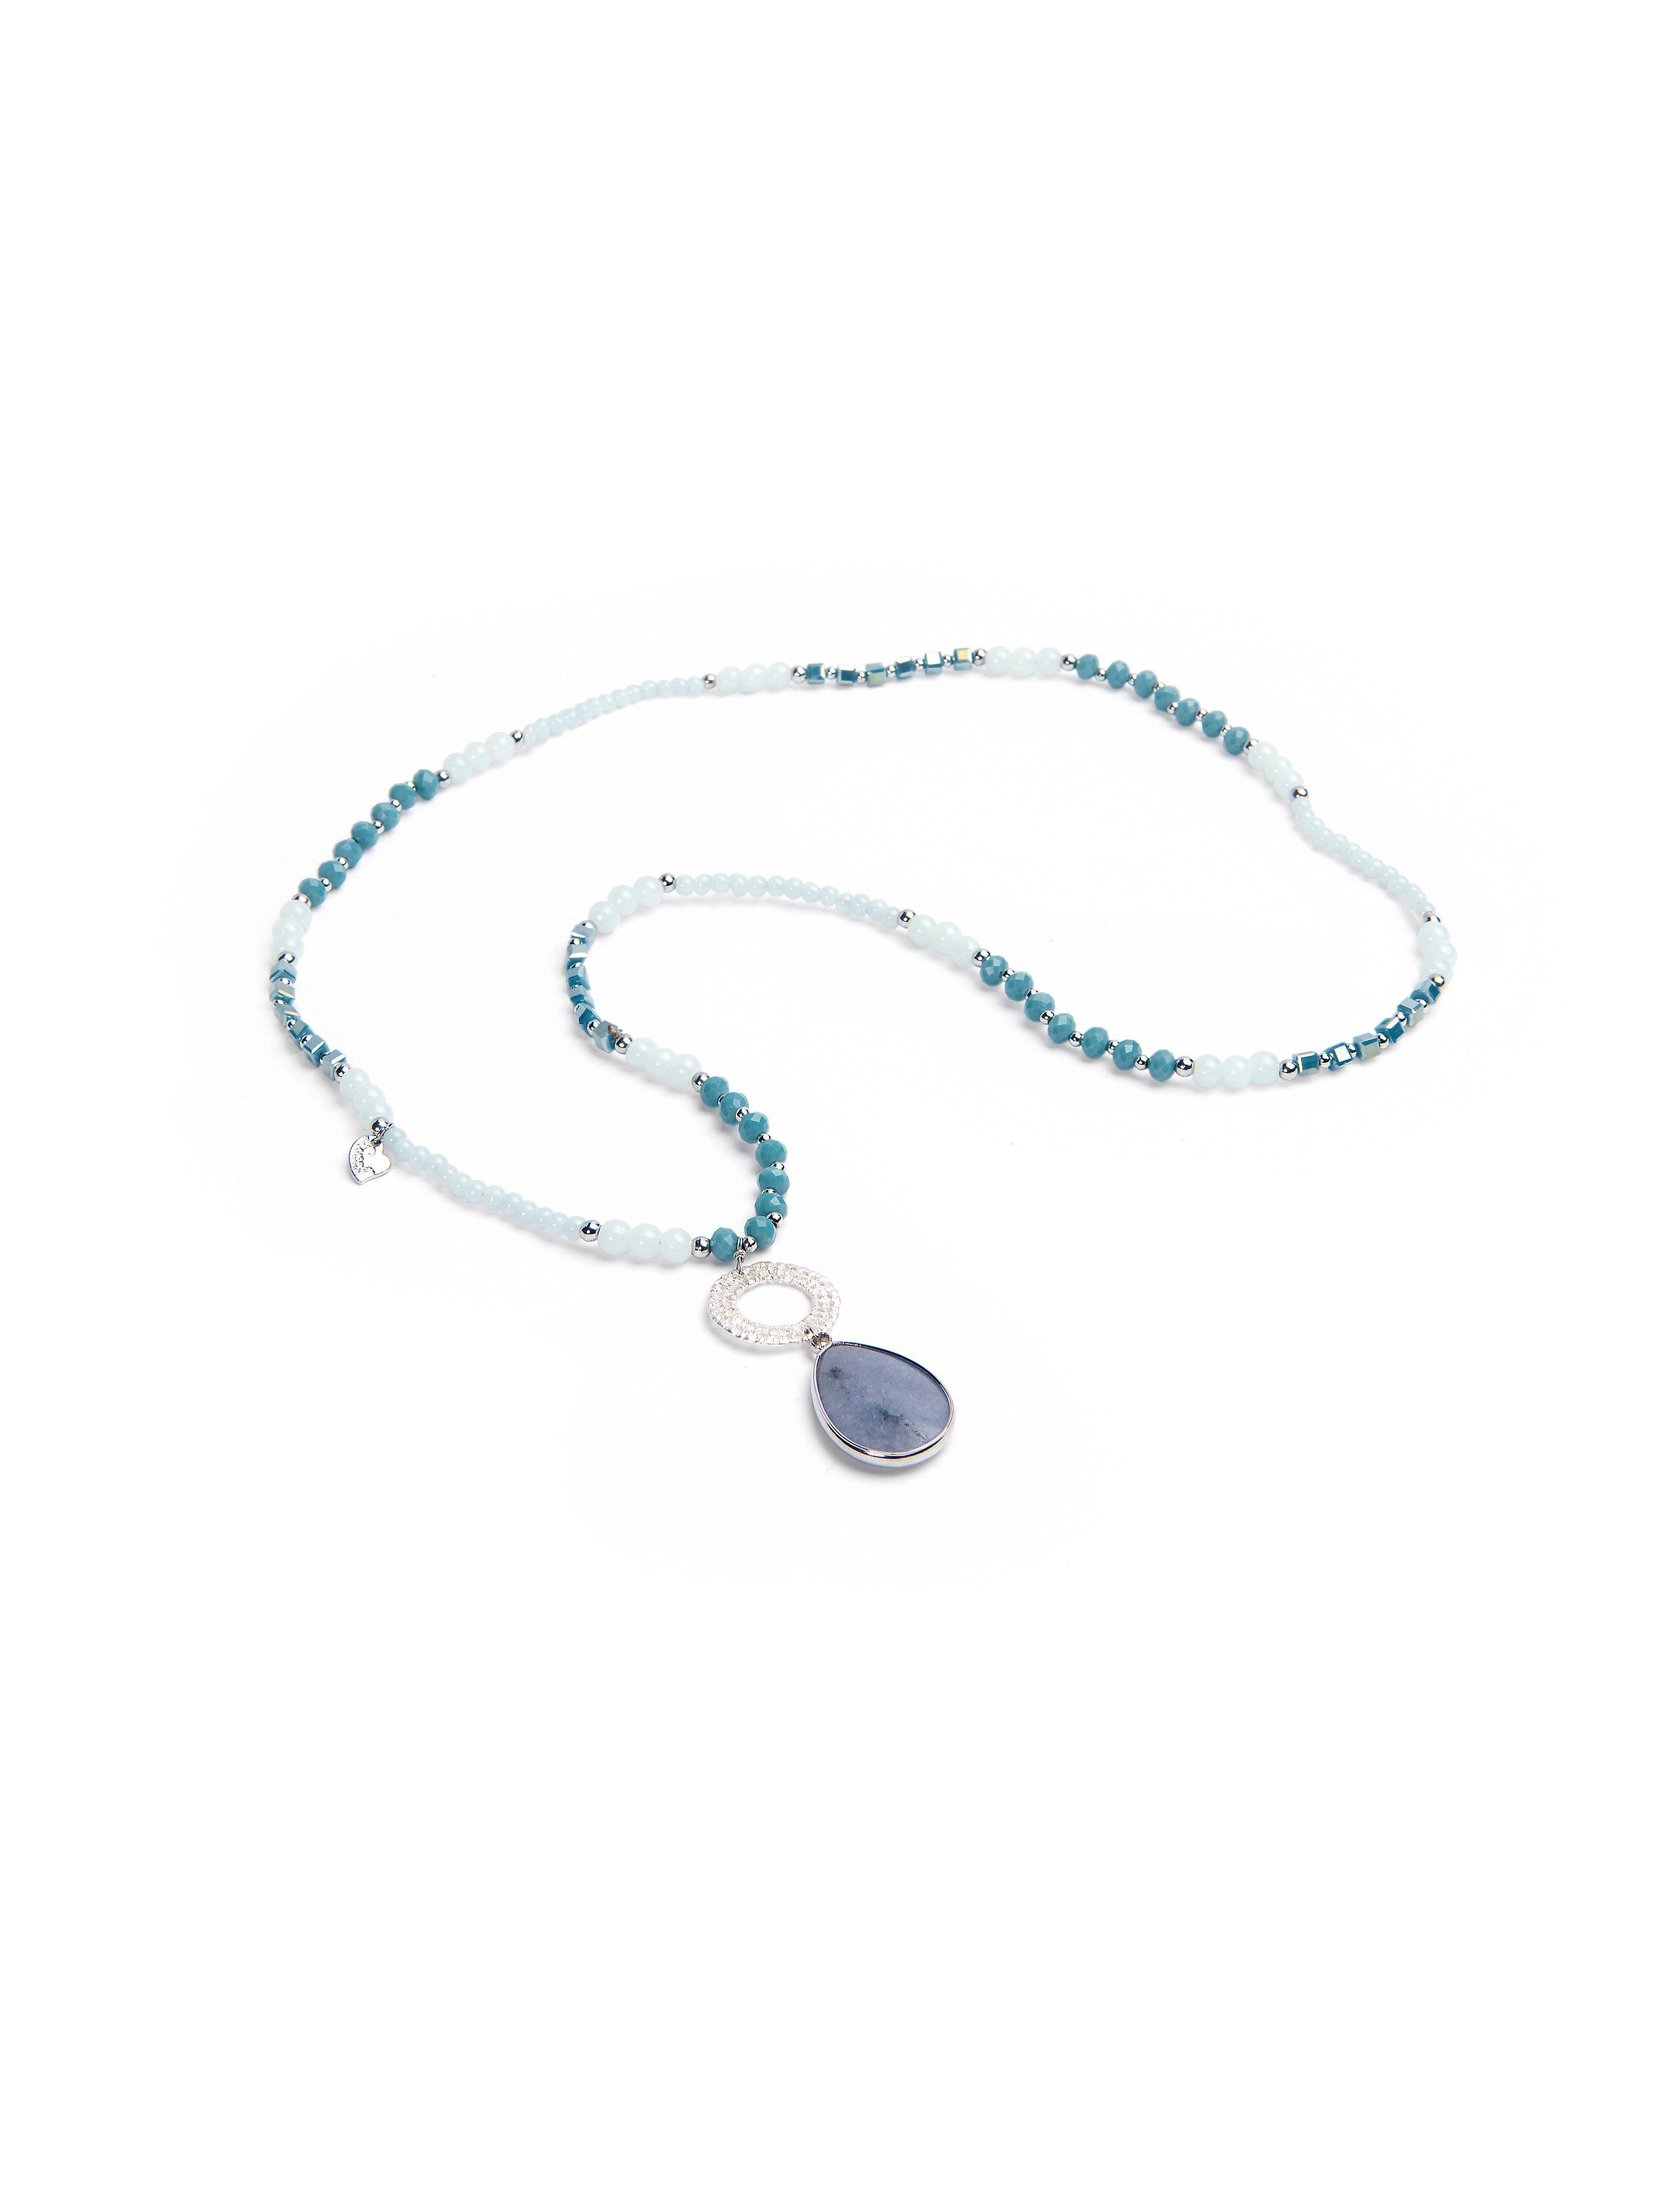 Ketting van peter hahn, in frisse zomerkleuren met elementen van glas, metaal en natuursteen. lengte van de ...